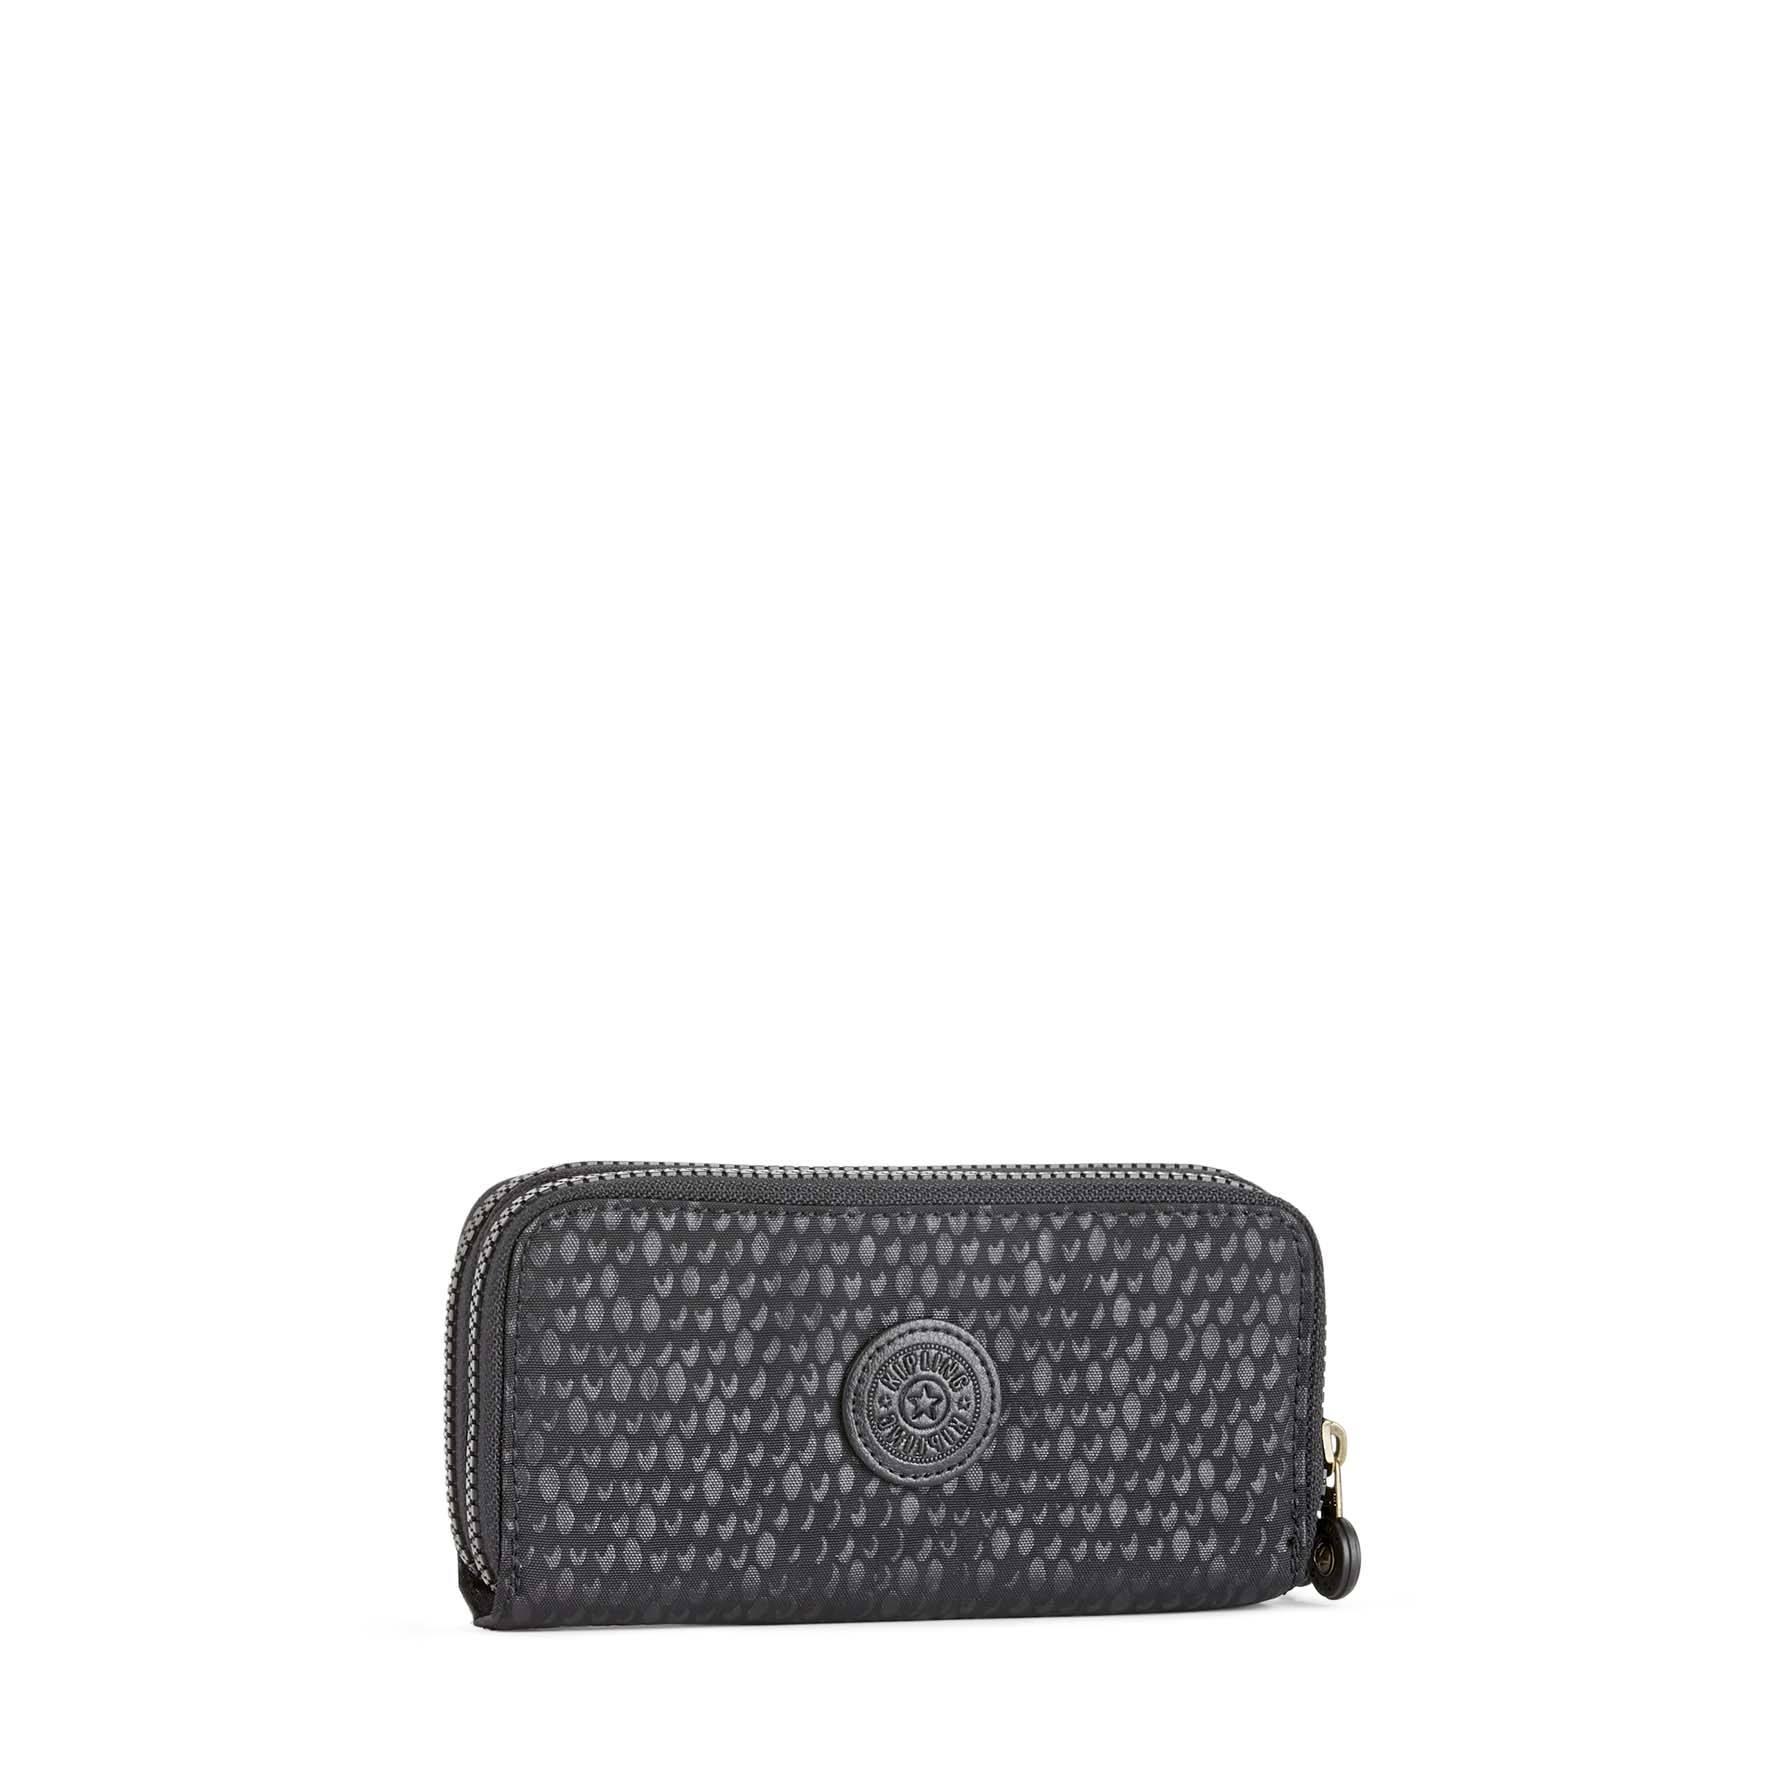 ארנק גדול Uzario - Black Scale Embשחור מנומר